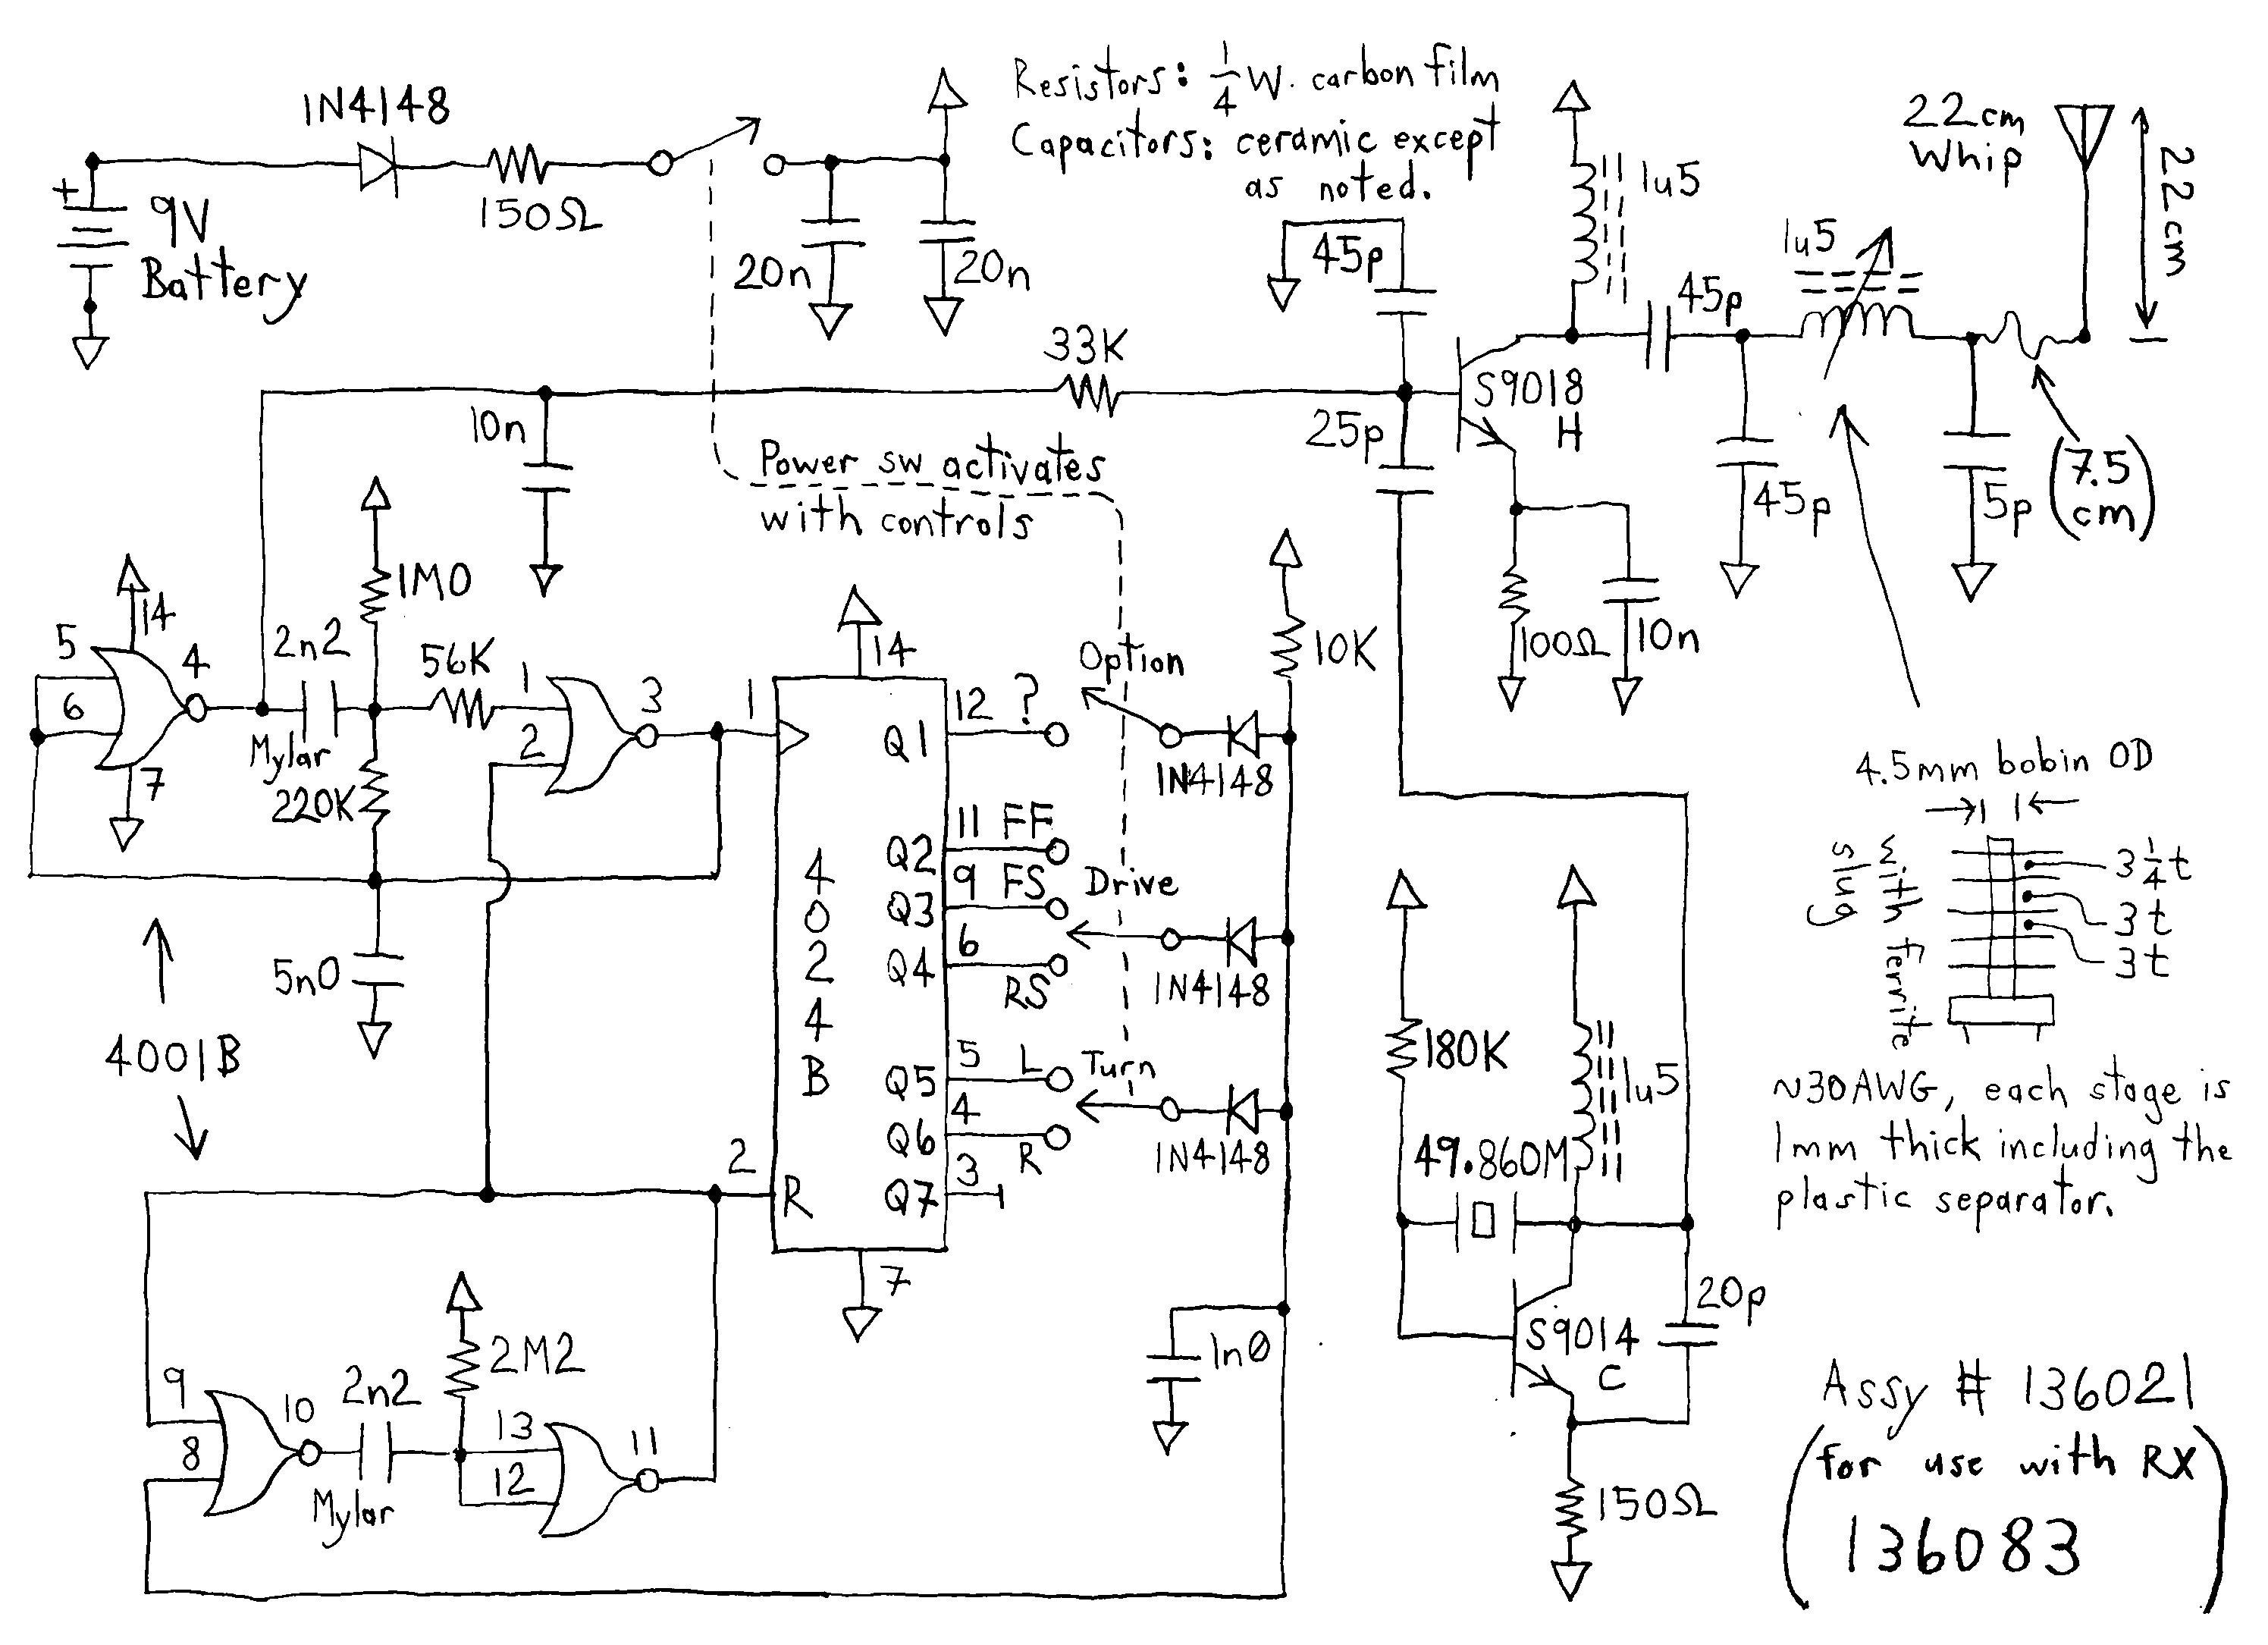 2001 Blazer Engine Diagram 2002 Chevy Blazer Radio Wiring Schematic Chevrolet Wiring Diagrams Of 2001 Blazer Engine Diagram